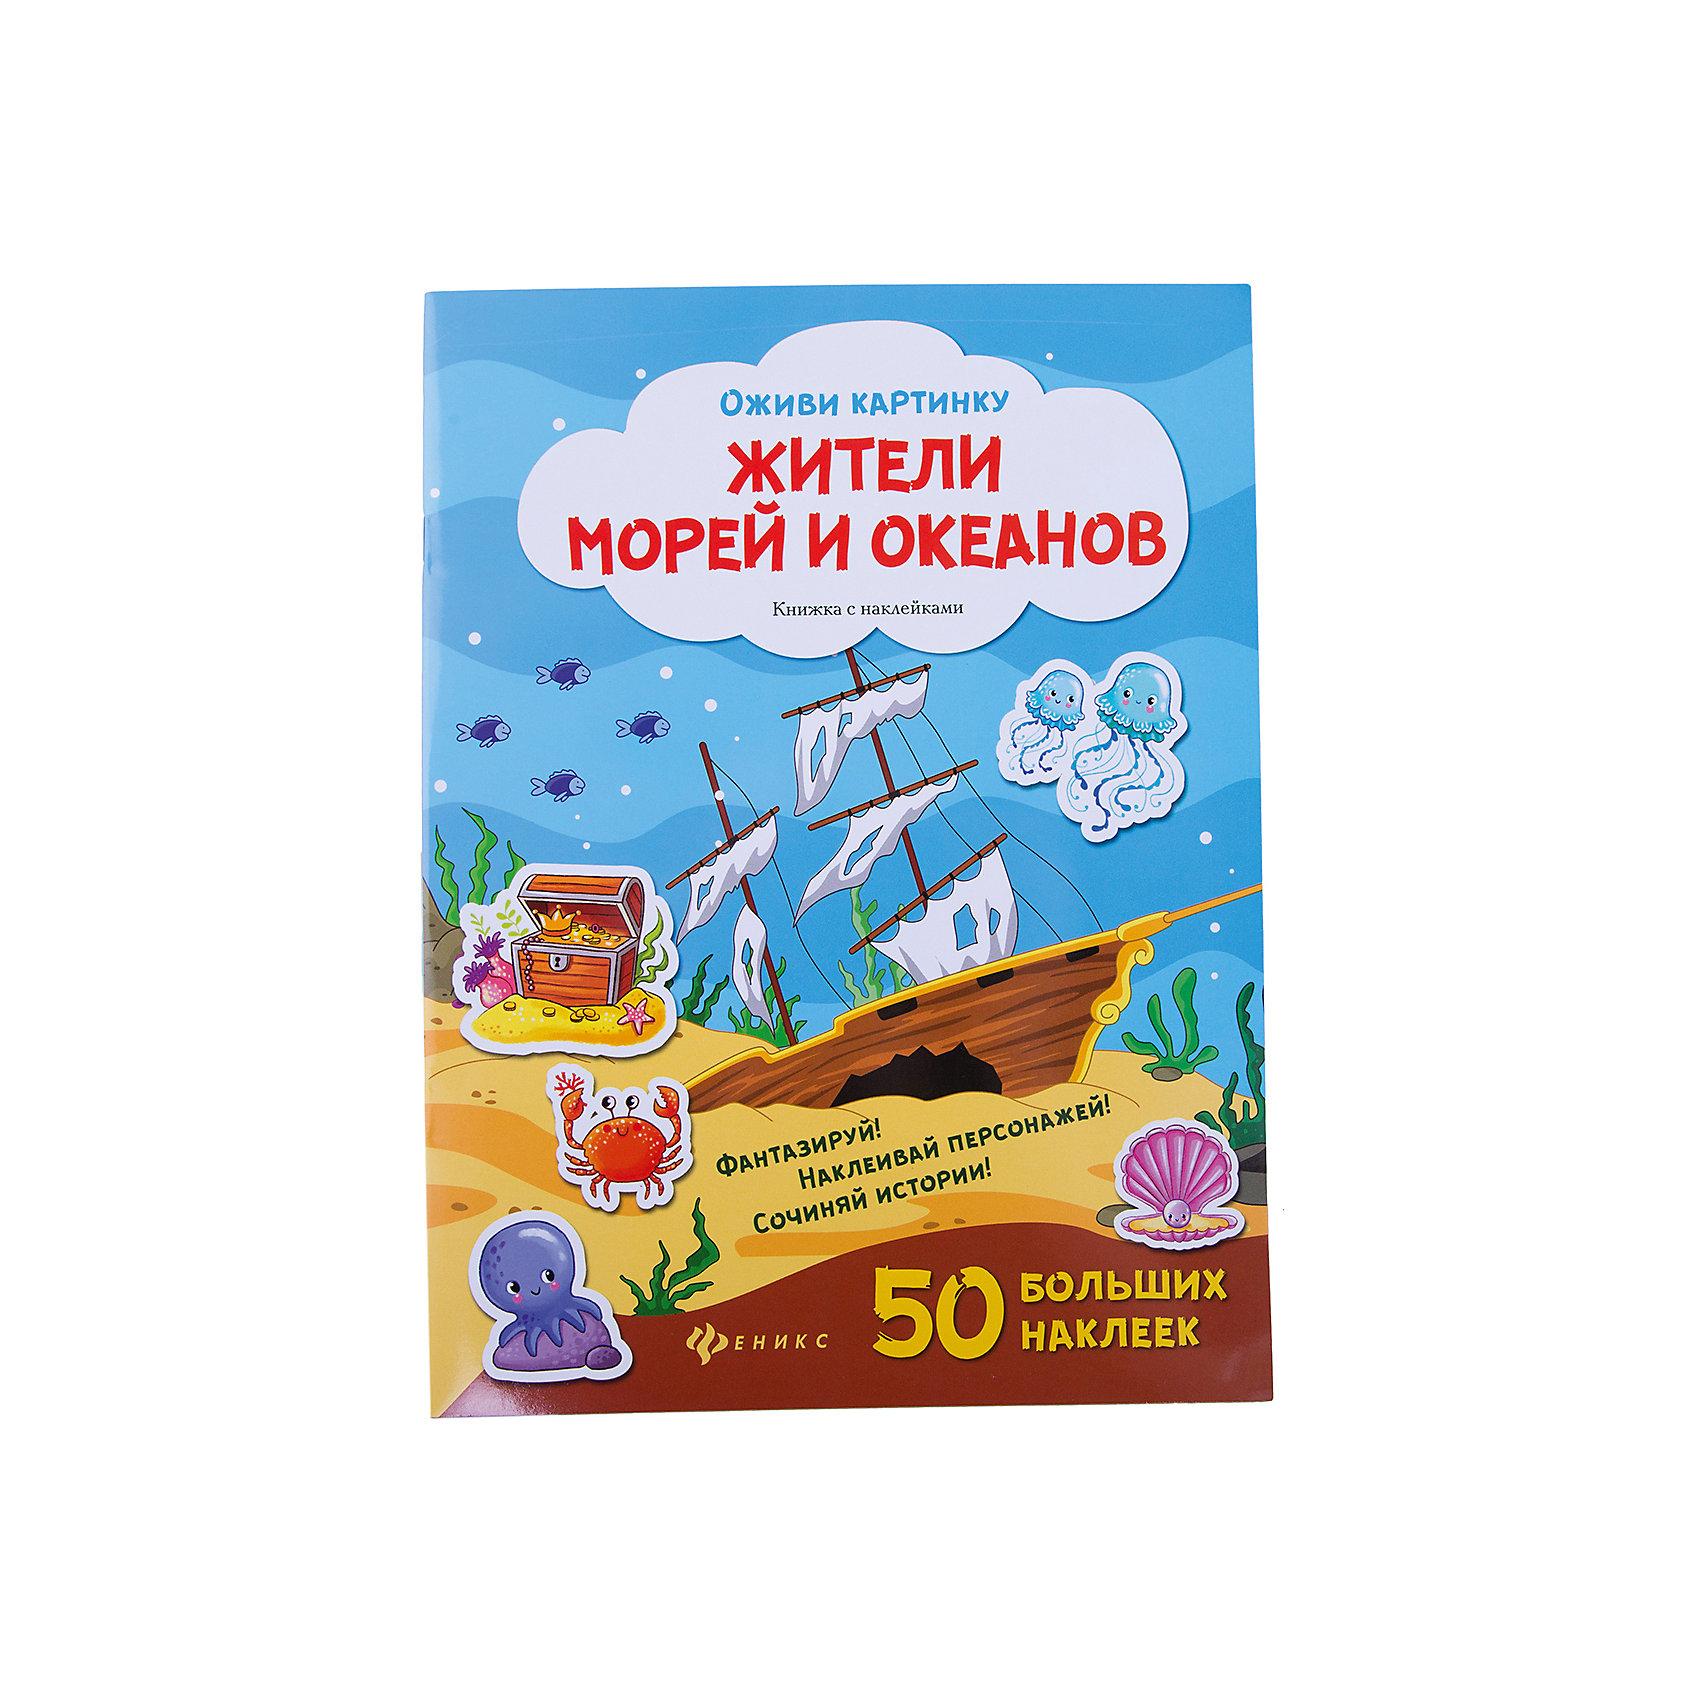 Книжка с наклейками Жители морей и океановКнижка с наклейками Жители морей и океанов – книга с картинками, которые ребенок сможет дополнить наклейками, создав интересную историю.<br>Путешествуя по страницам книги, ребенок прогуляется по подводному миру и познакомится с его обитателями. Каждый разворот - это самостоятельная история, которую творит ребёнок, выбирая и наклеивая подходящие, на его взгляд, наклейки. Это отличная возможность потренировать мелкую моторику и развить фантазию: предложите ребенку не только дополнить страницы наклейками, но также придумать и рассказать историю, опираясь на иллюстрацию. Играйте и фантазируйте вместе с персонажами, изображенными на наклейках!<br><br>Дополнительная информация:<br><br>- Художники: Смирнова Ирина, Таширова Юлия<br>- Редактор: Силенко Елизавета<br>- Издательство: Феникс-Премьер<br>- Серия: Оживи картинку<br>- Тип обложки: мягкий переплет (крепление скрепкой или клеем)<br>- Иллюстрации: цветные<br>- Количество наклеек: 50 больших наклеек<br>- Количество страниц: 16 (мелованная)<br>- Размер: 283x212x2 мм.<br>- Вес: 120 гр.<br><br>Книжку с наклейками Жители морей и океанов можно купить в нашем интернет-магазине.<br><br>Ширина мм: 212<br>Глубина мм: 2<br>Высота мм: 284<br>Вес г: 123<br>Возраст от месяцев: 36<br>Возраст до месяцев: 108<br>Пол: Унисекс<br>Возраст: Детский<br>SKU: 4994820